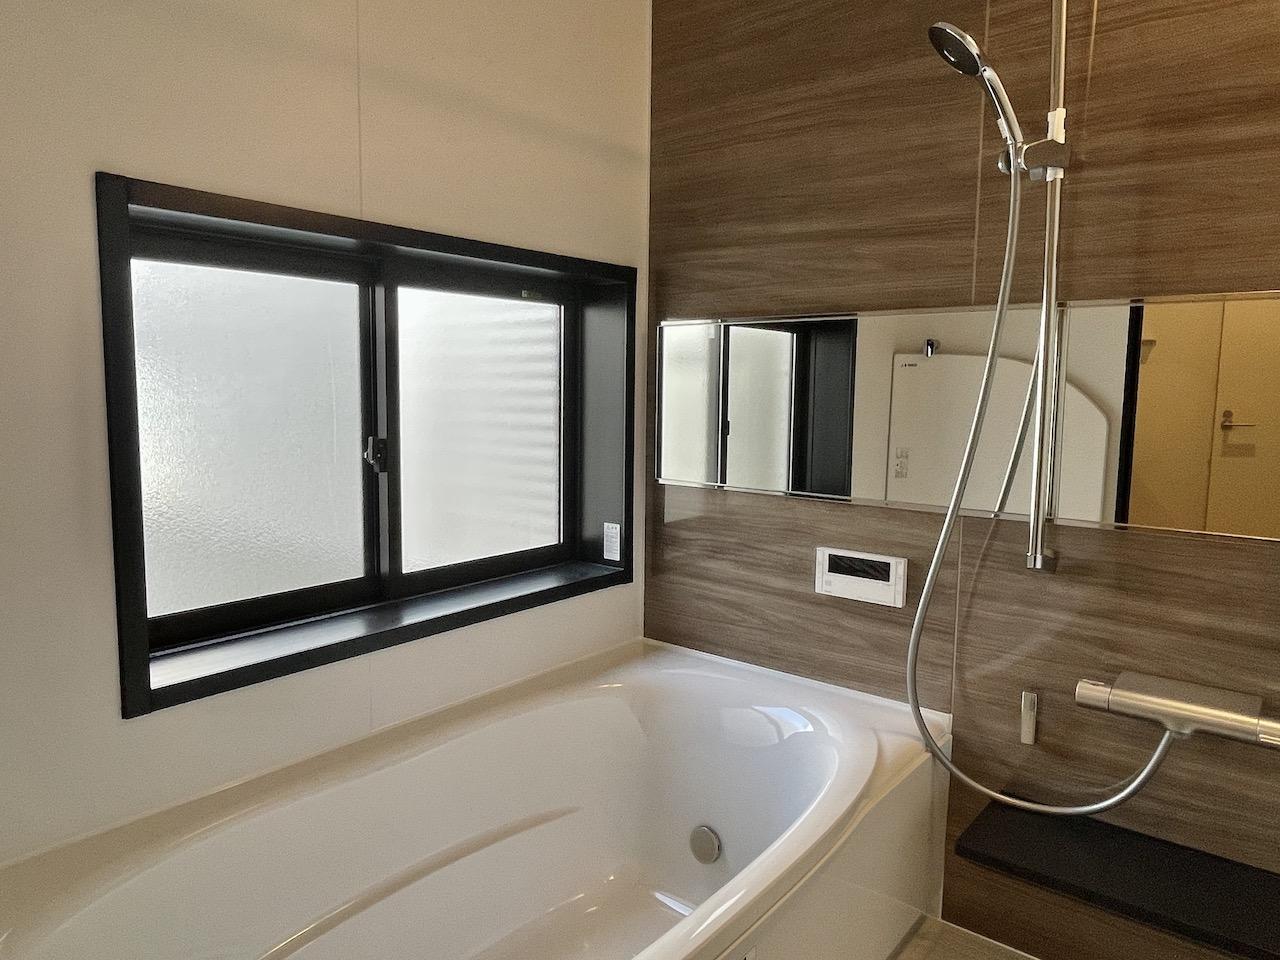 浴室。窓もついており明るい。